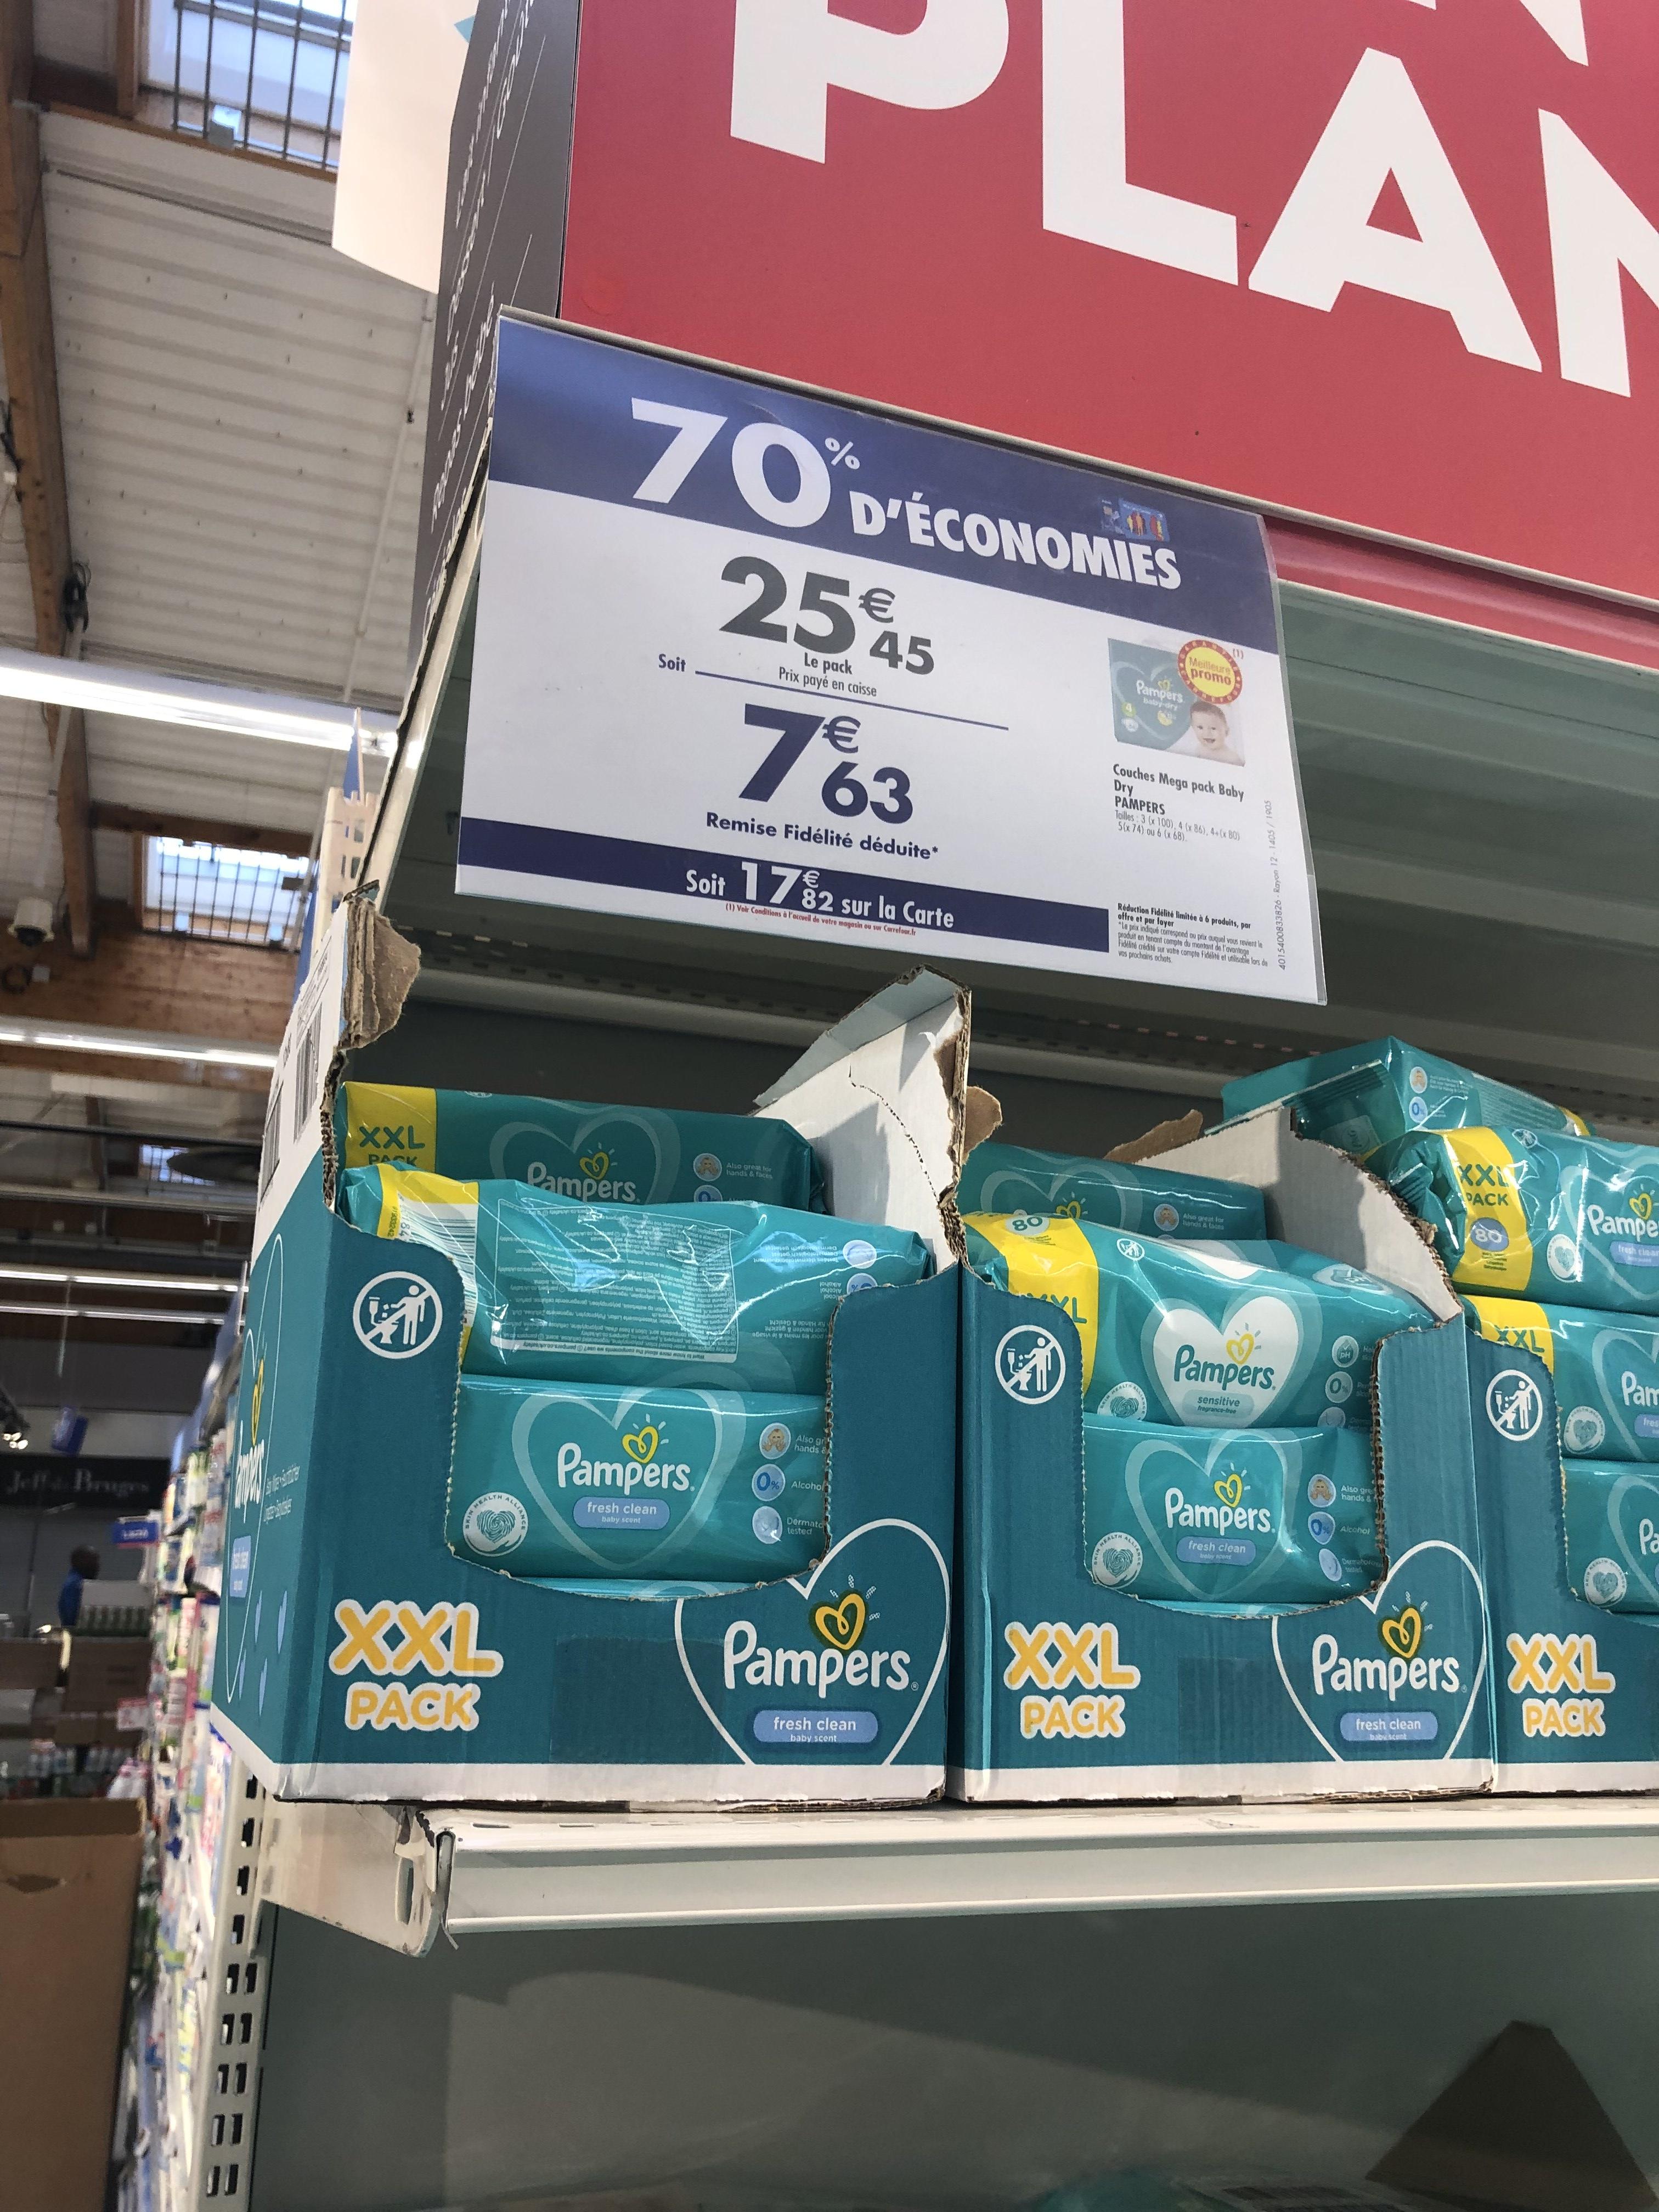 [Carte Fidélité] 70% de remise sur les couches Pampers - Ex : Mega Pack Baby Dry (Via 17.82€ sur la Carte) - Saint-Brice-sous-Forêt (95)